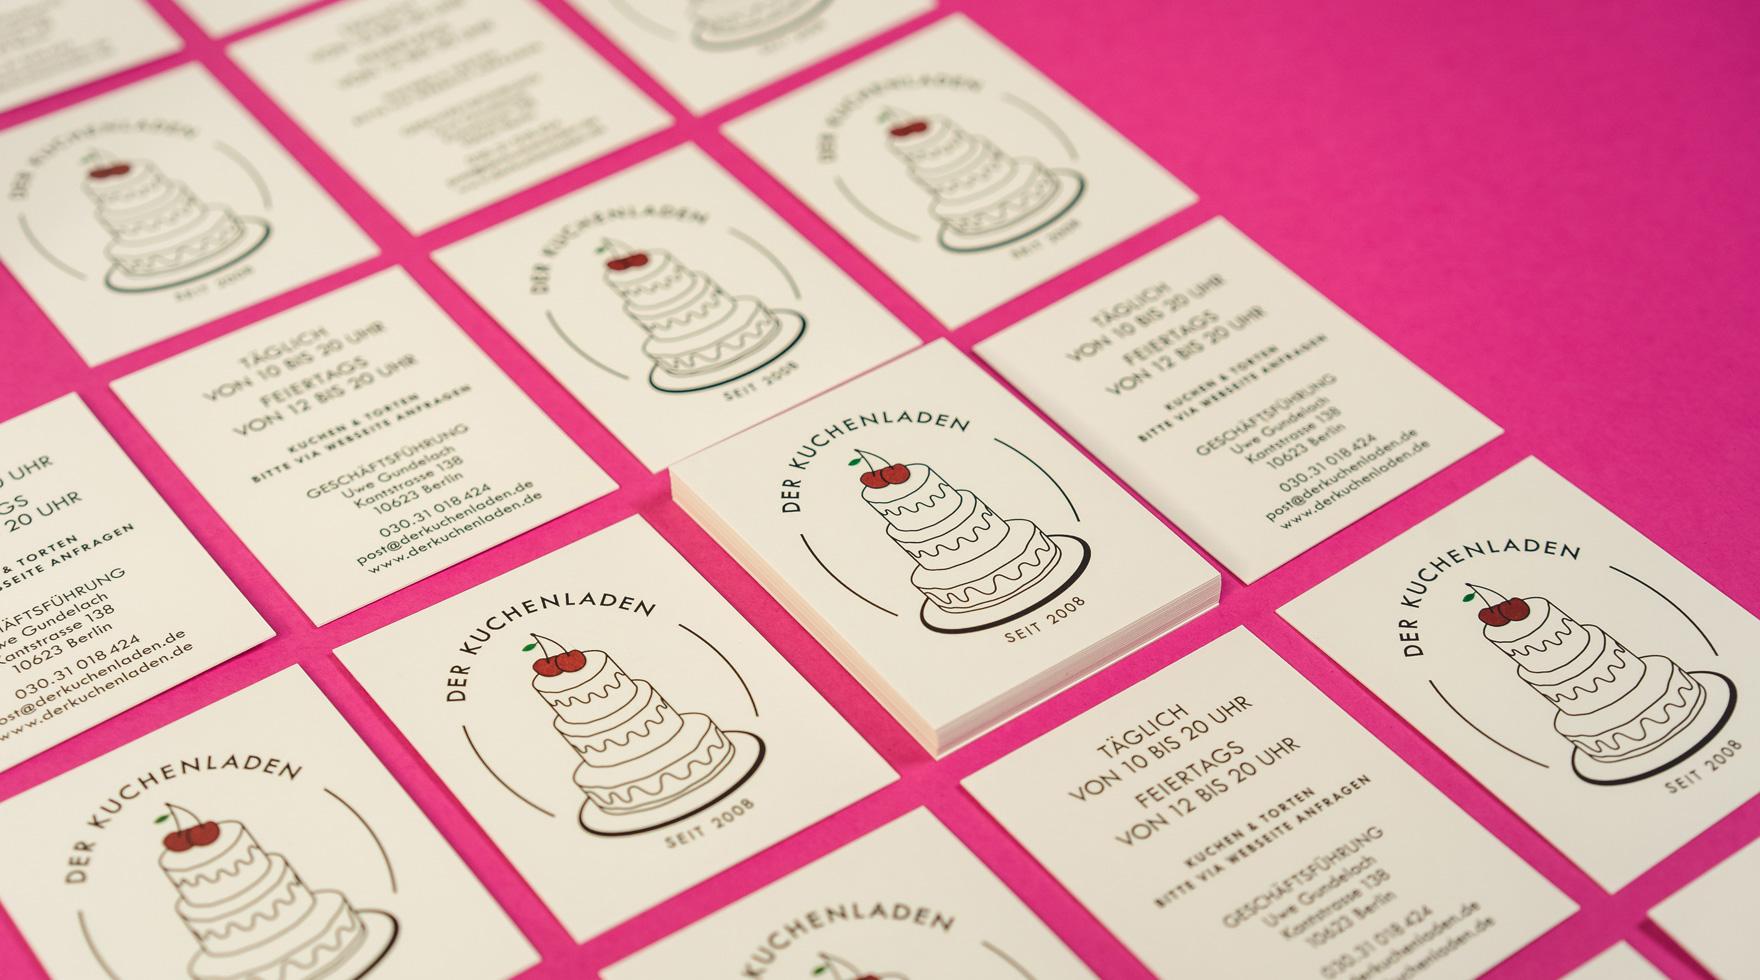 grafikdesign-kuchenladen-berlin-agentur